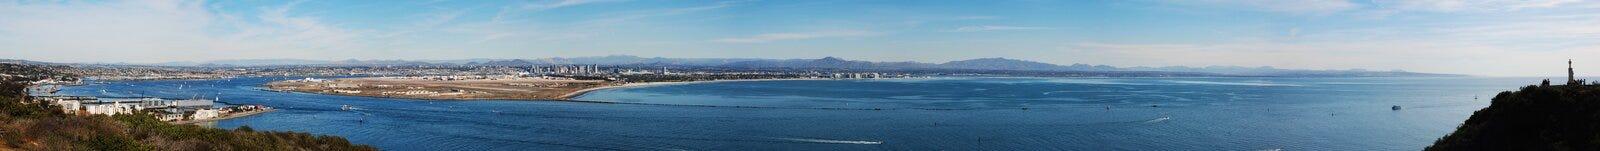 Completamente - vista de San Diego fotos de stock